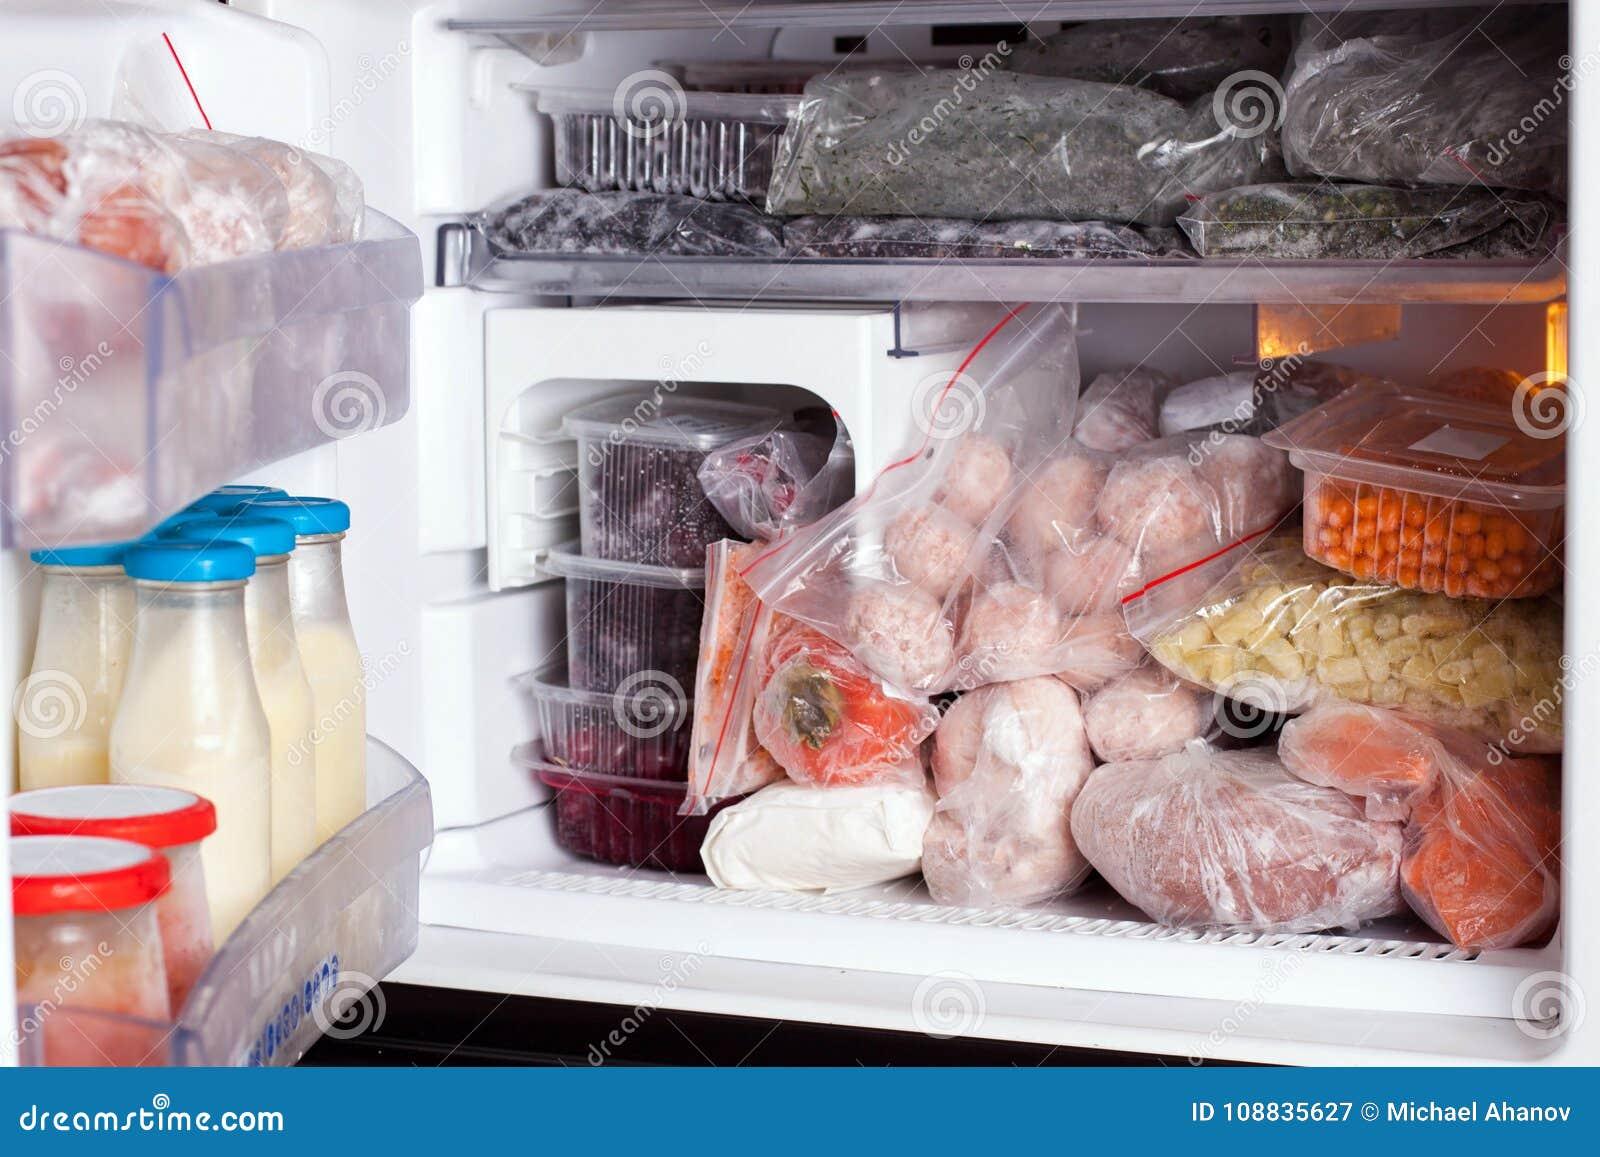 Kühlschrank mit Tiefkühlkostfleisch, -milch, -obst und Gemüse -